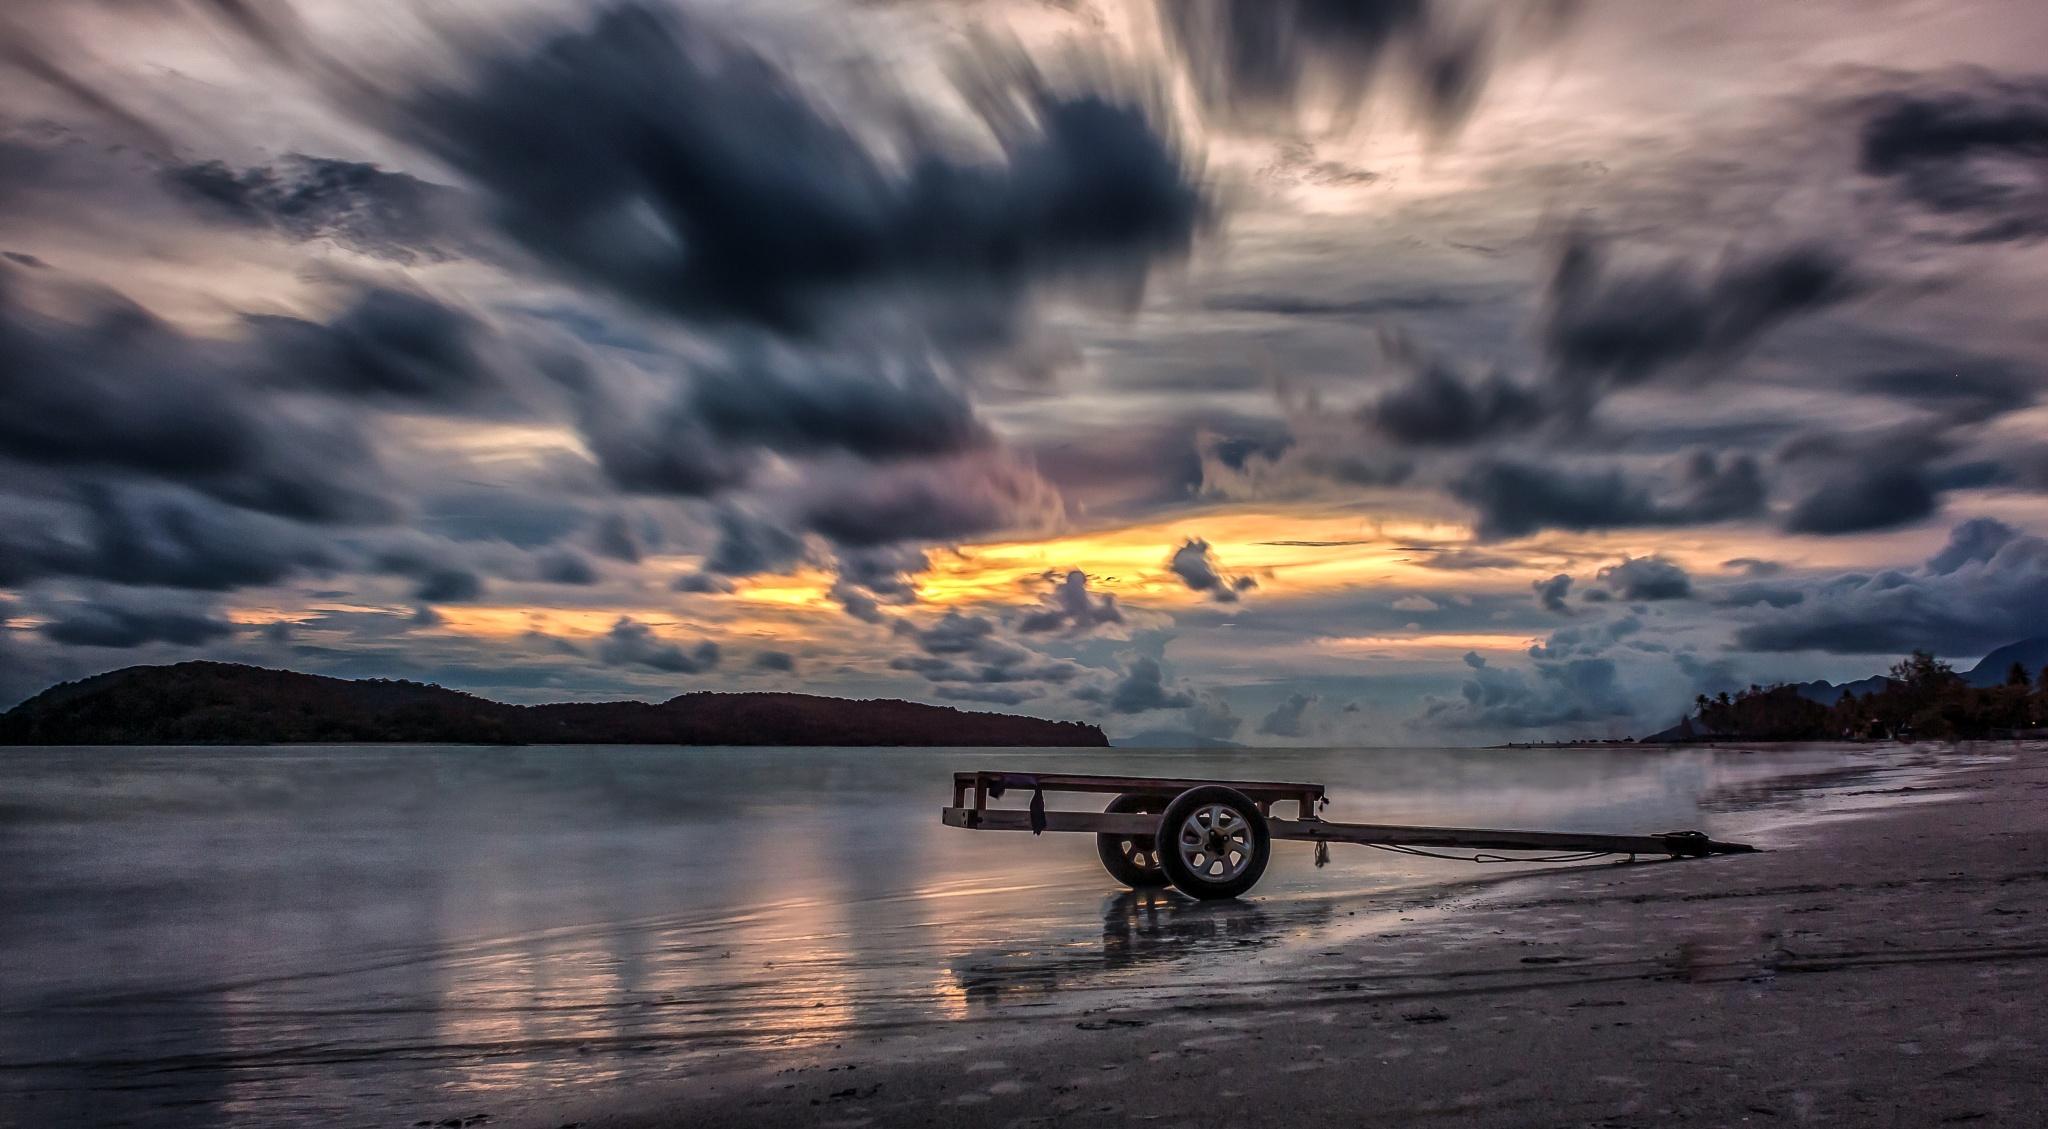 Cenang Beach, Langkawi by Mohammed Shamaa